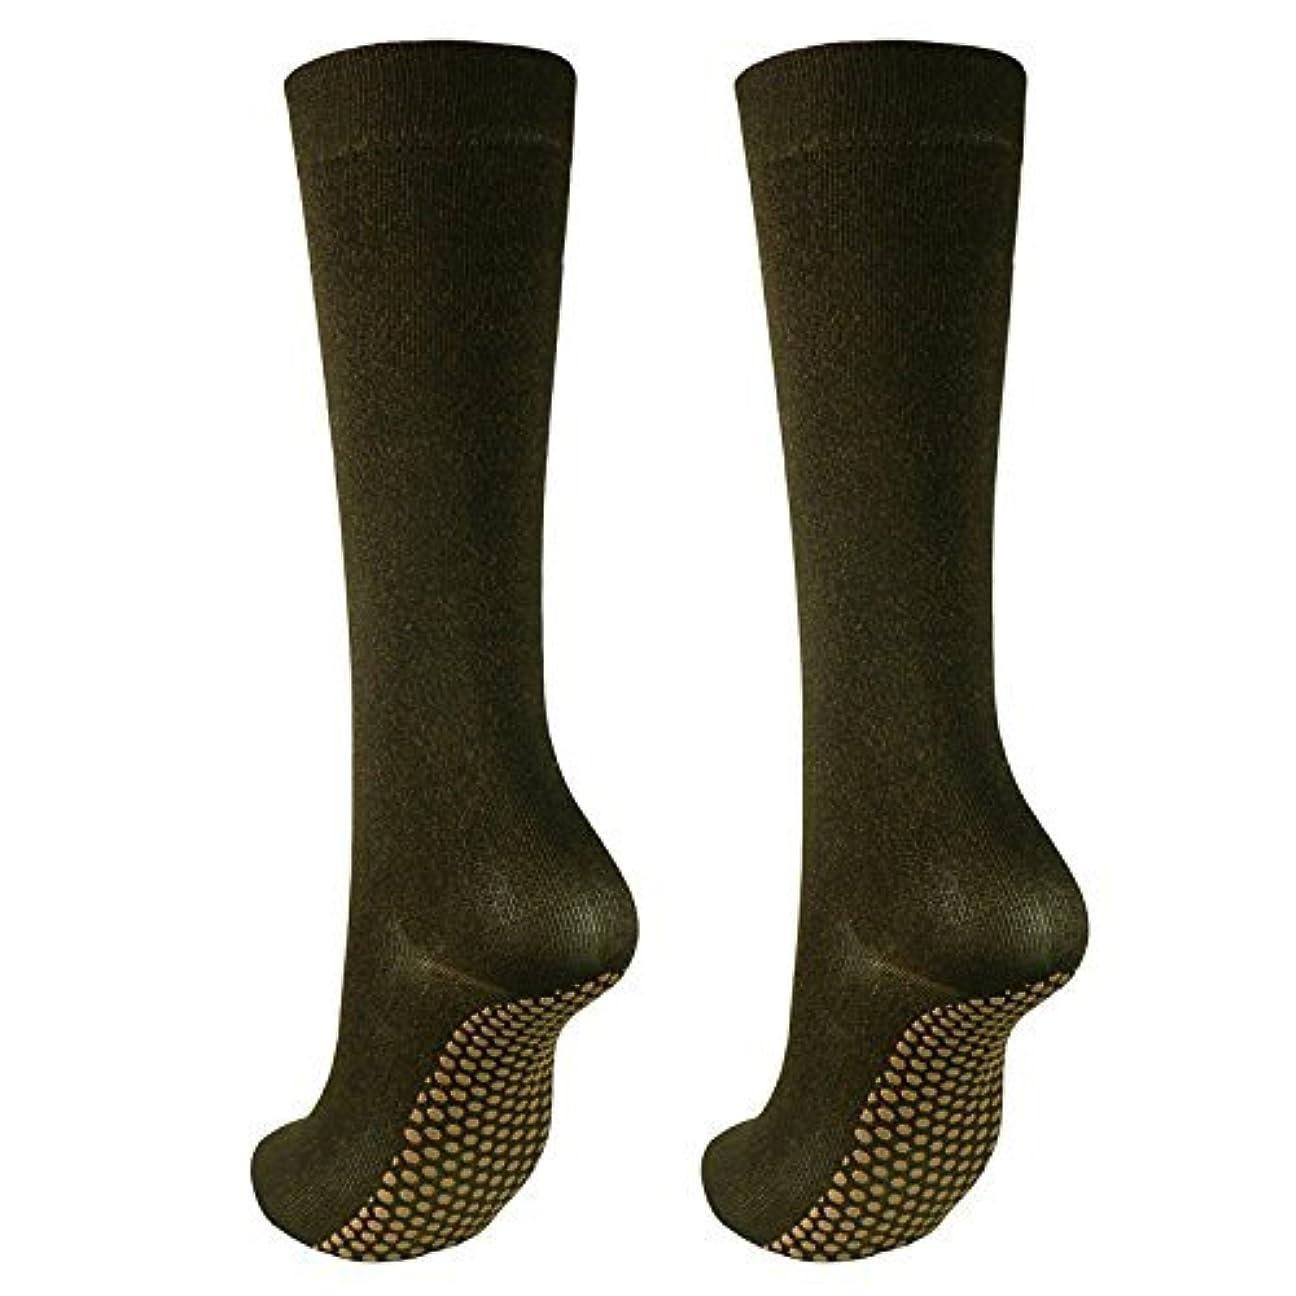 ダメージ適度な憎しみ銅繊維靴下「足もとはいつも青春」ハイソックスタイプ2足セット?静電気対策にも